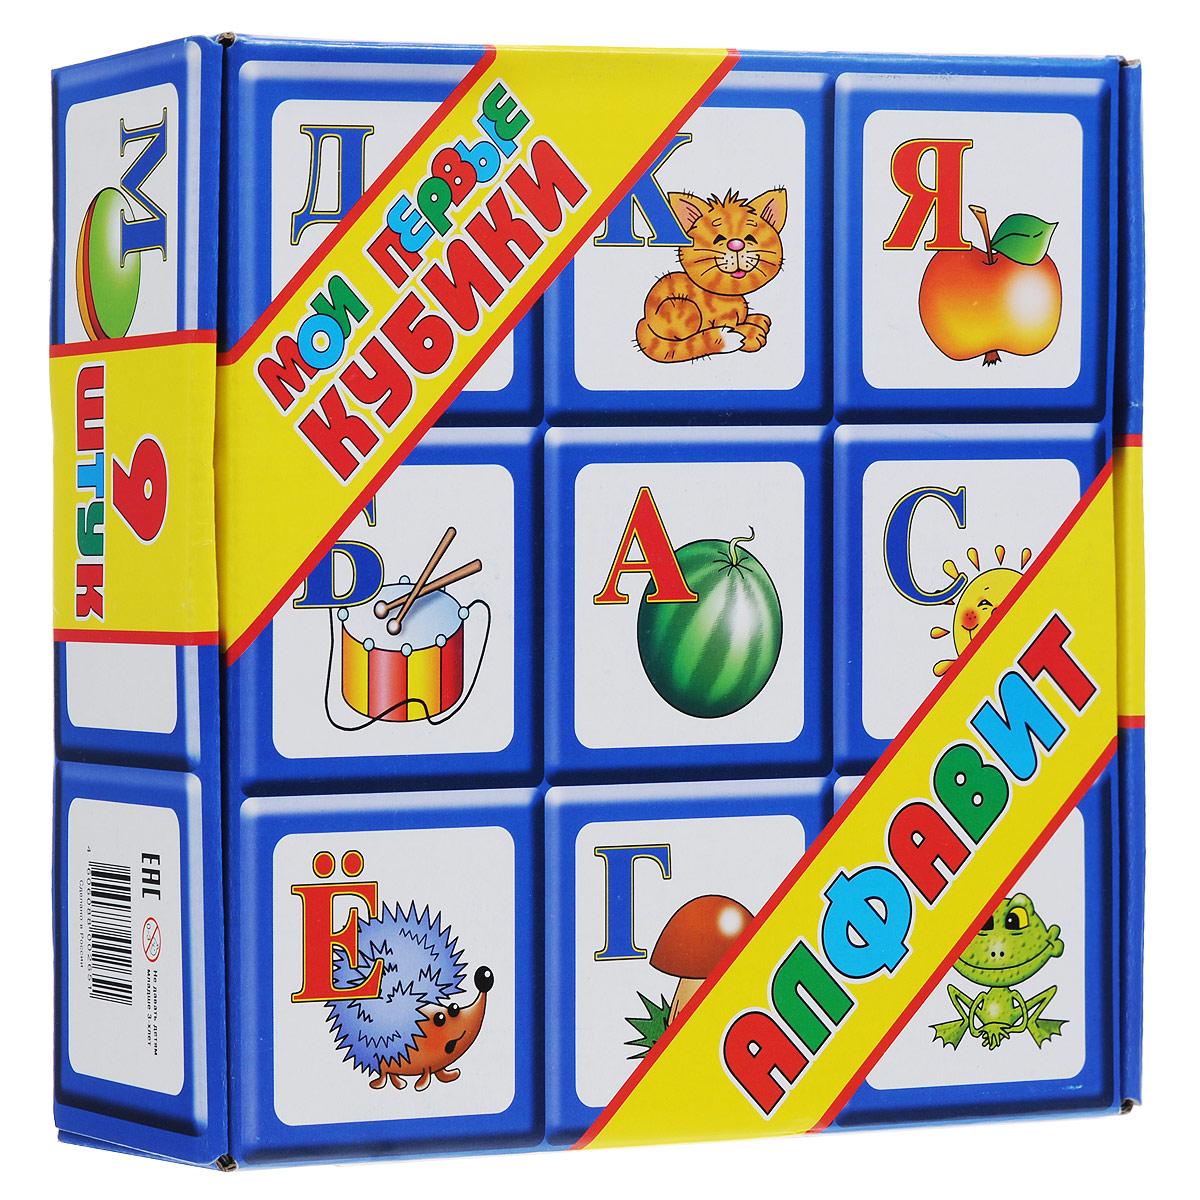 Набор кубиков Алфавит, 9 шт00265Учим алфавит, играя. Набор больших детских кубиков с картинками и буквами русского алфавита. Кубики с русским алфавитом, предназначенные для самых маленьких. Их размер оптимальный по соотношению габариты/вес, проще говоря, кубики в наборе большие, но легкие. Картинки детского художника Людмилы Двининой «однозначны» (нет акул, которых ребенок может назвать рыбой, тигрят, похожих на котят и т. д.). Кубики сделаны из пищевого полиэтилена, так, на всякий случай,вдруг во рту окажутся,а картинки отпечатаны на самоклеющейся бумаге с повышенной адгезией. Тем не менее, советуем регулярно осматривать набор, памятуя о том, что подцепить за край и попытаться содрать картинку-это вообще самое интересное, что можно сделать с кубиками. Не рассчитывайте собрать из девяти кубиков огромное количество слов, ведь их главное предназначение – развивать мелкую моторику, координацию, пространственное мышление и учить буквы, играя.